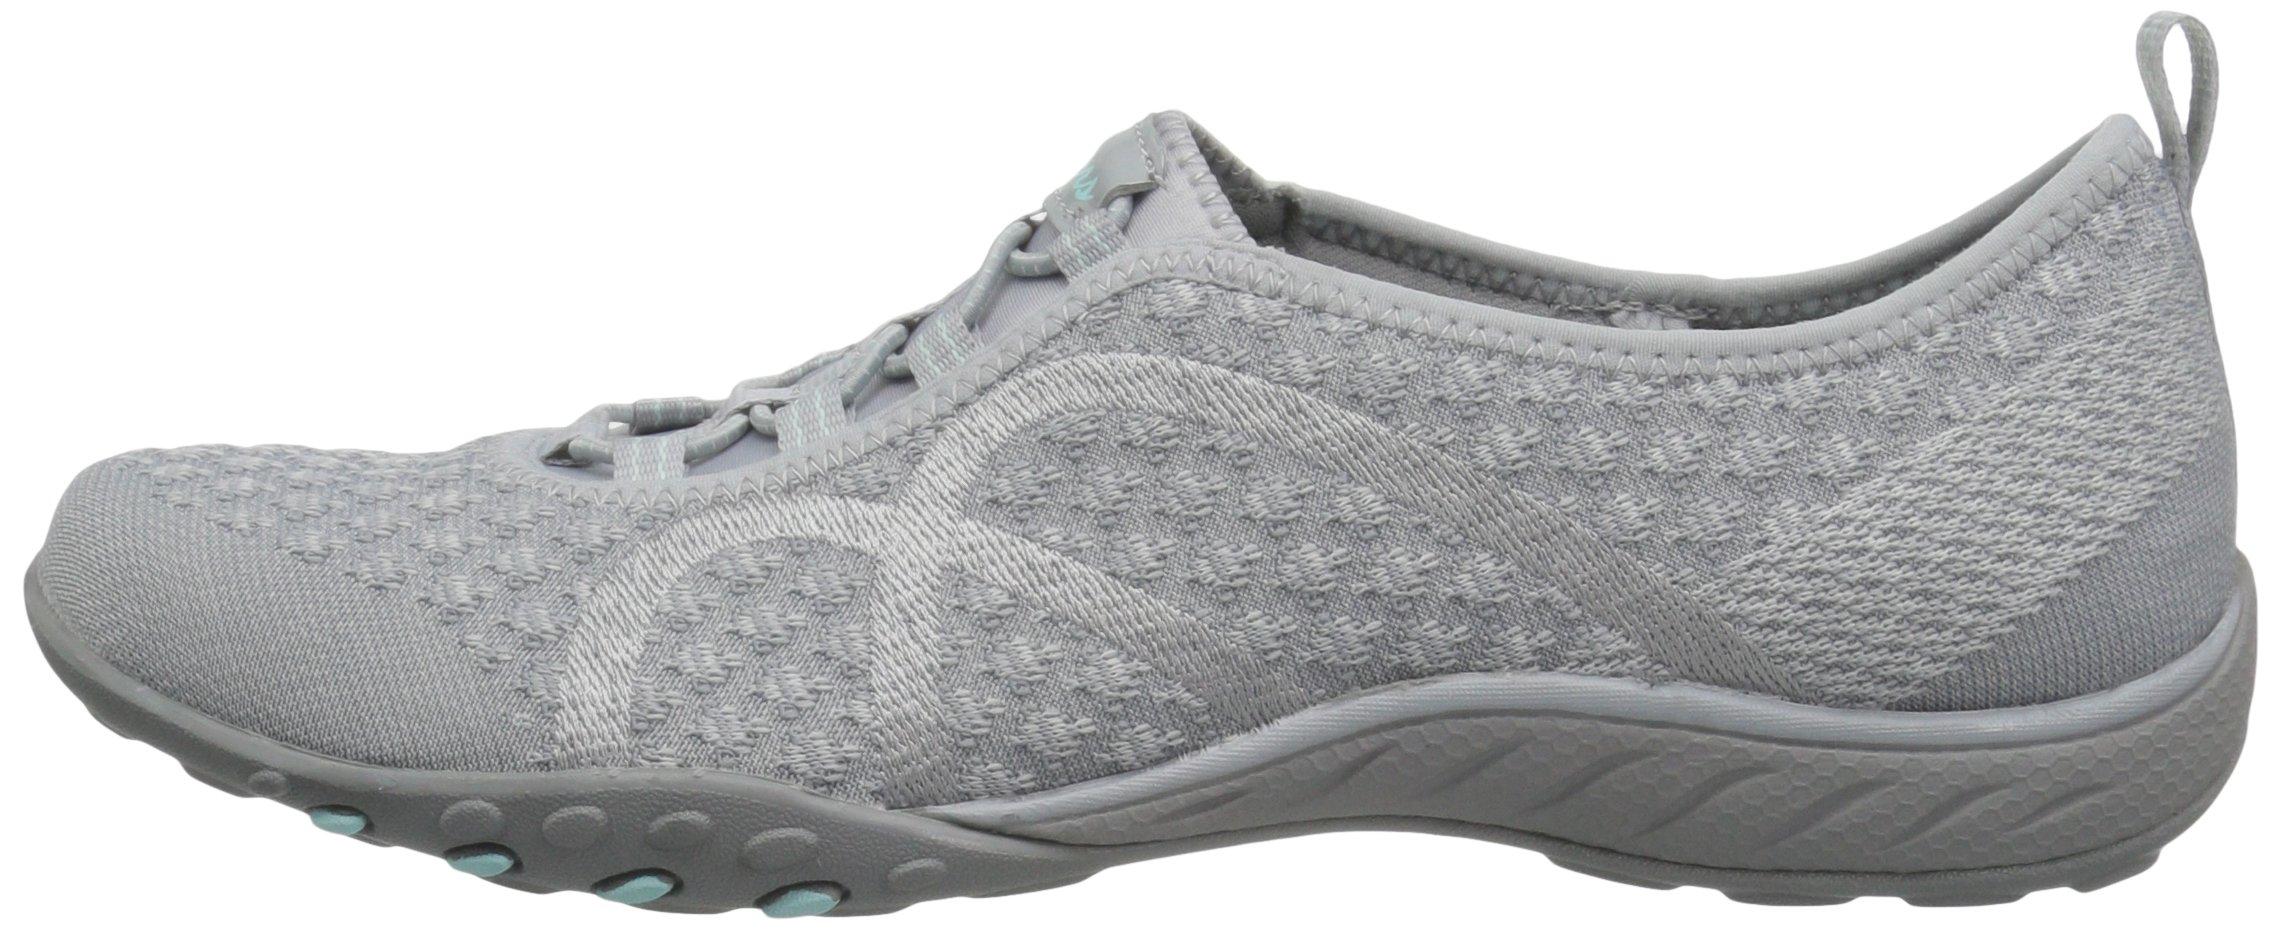 Skechers Sport Women's Breathe Easy Fortune Fashion Sneaker,Grey Knit,5.5 M US by Skechers (Image #5)